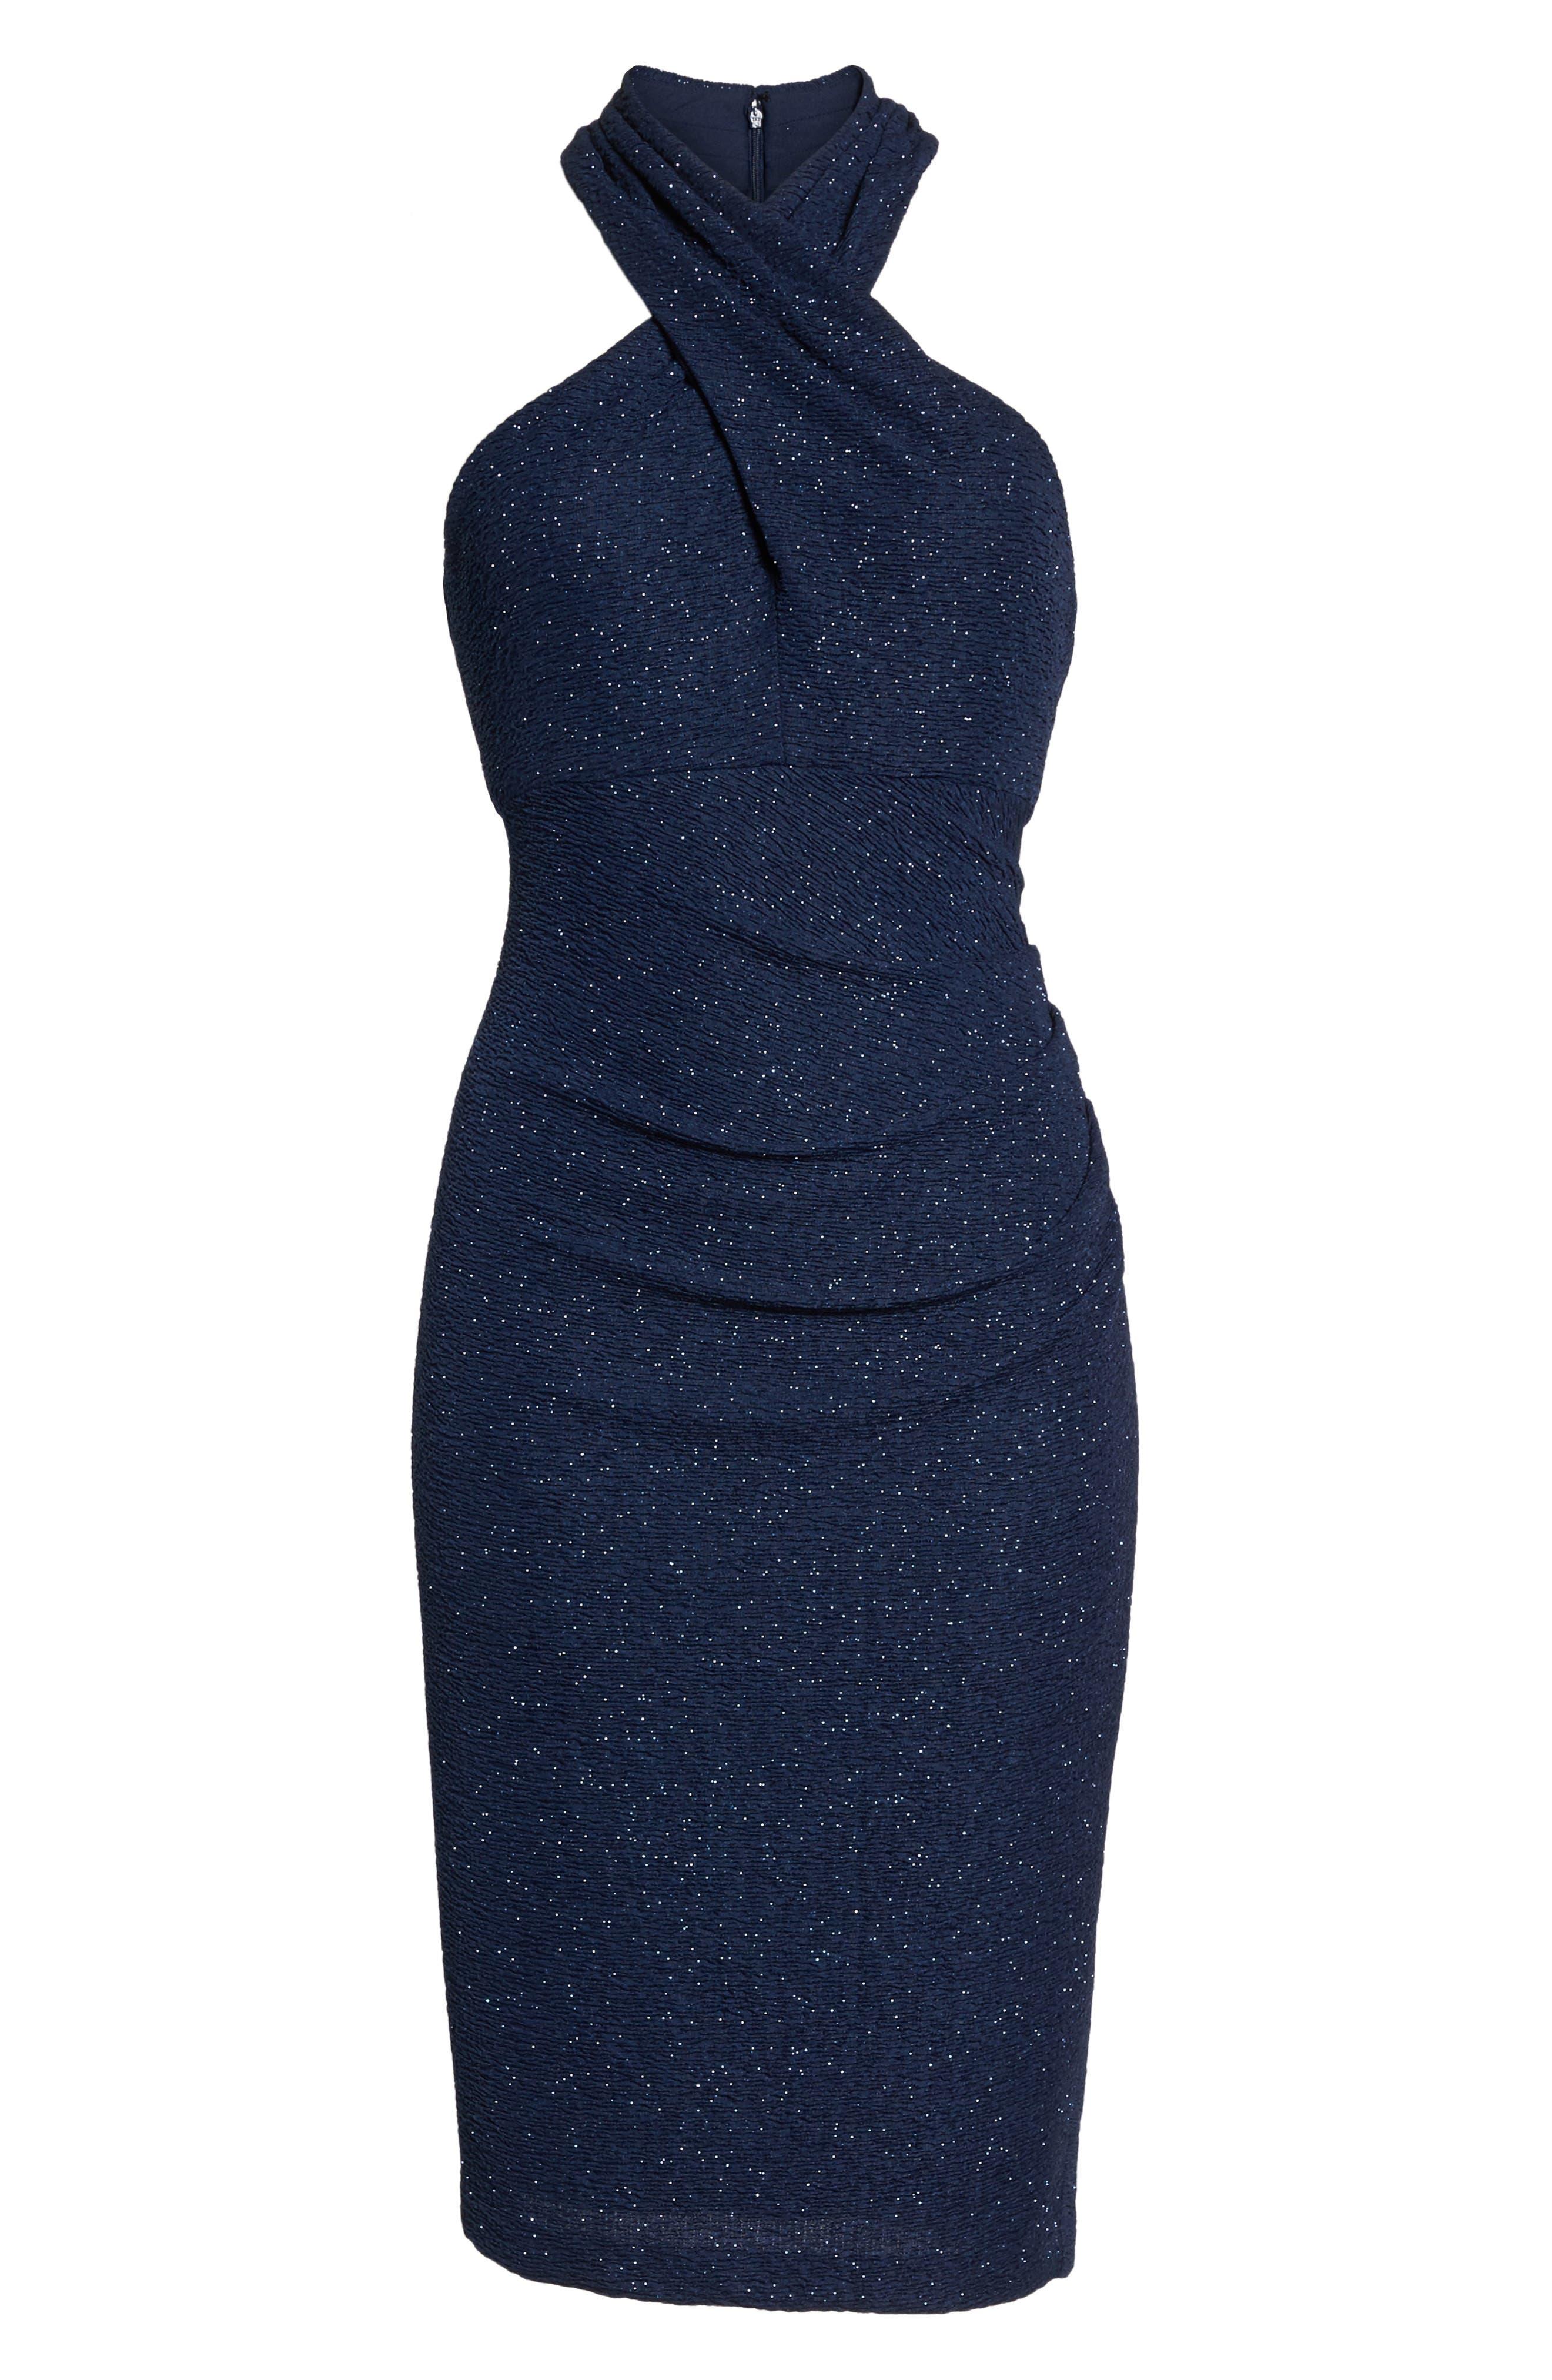 Glitter Halter Neck Sheath Dress,                             Alternate thumbnail 6, color,                             Navy